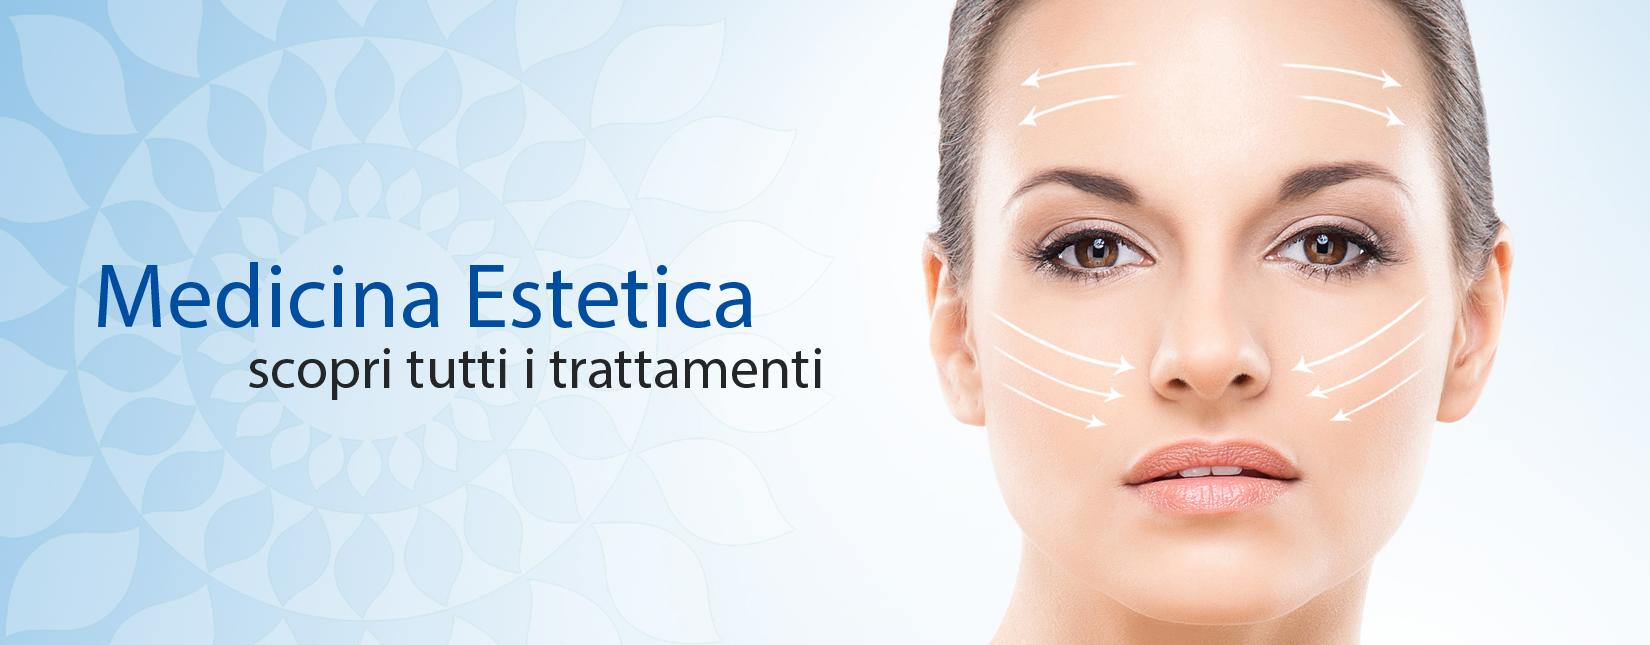 medicina-estetica